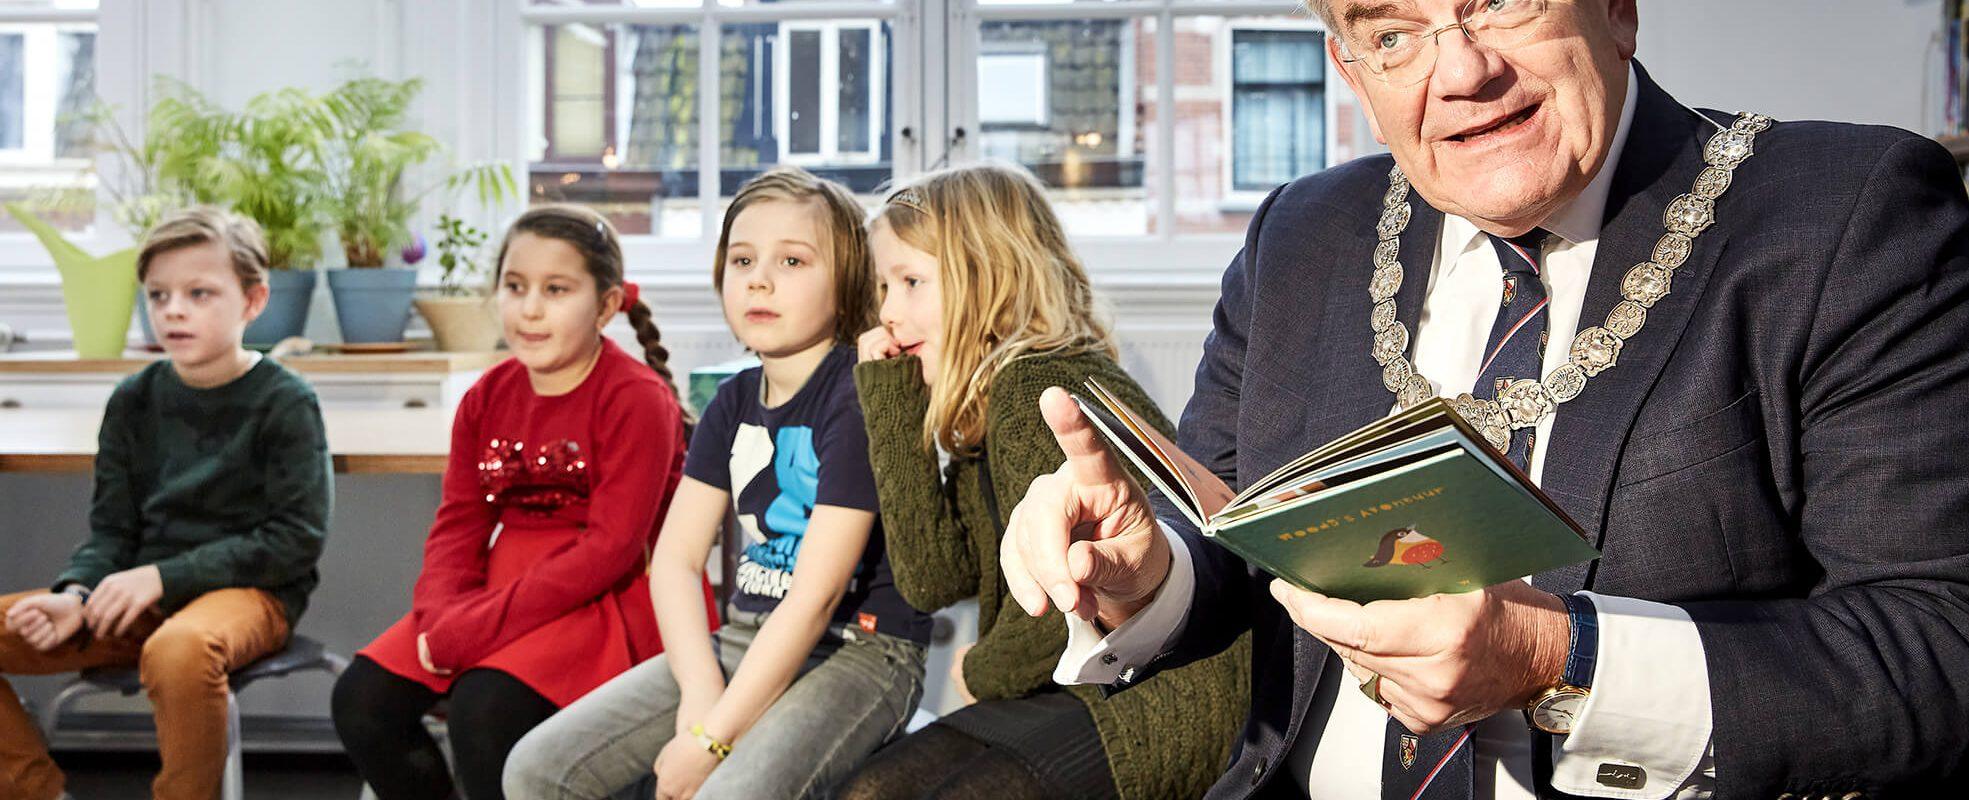 Burgemeester Jan van Zanen op OBS De Koekoek - ©Milan Hofmans, 24.01.2020 1